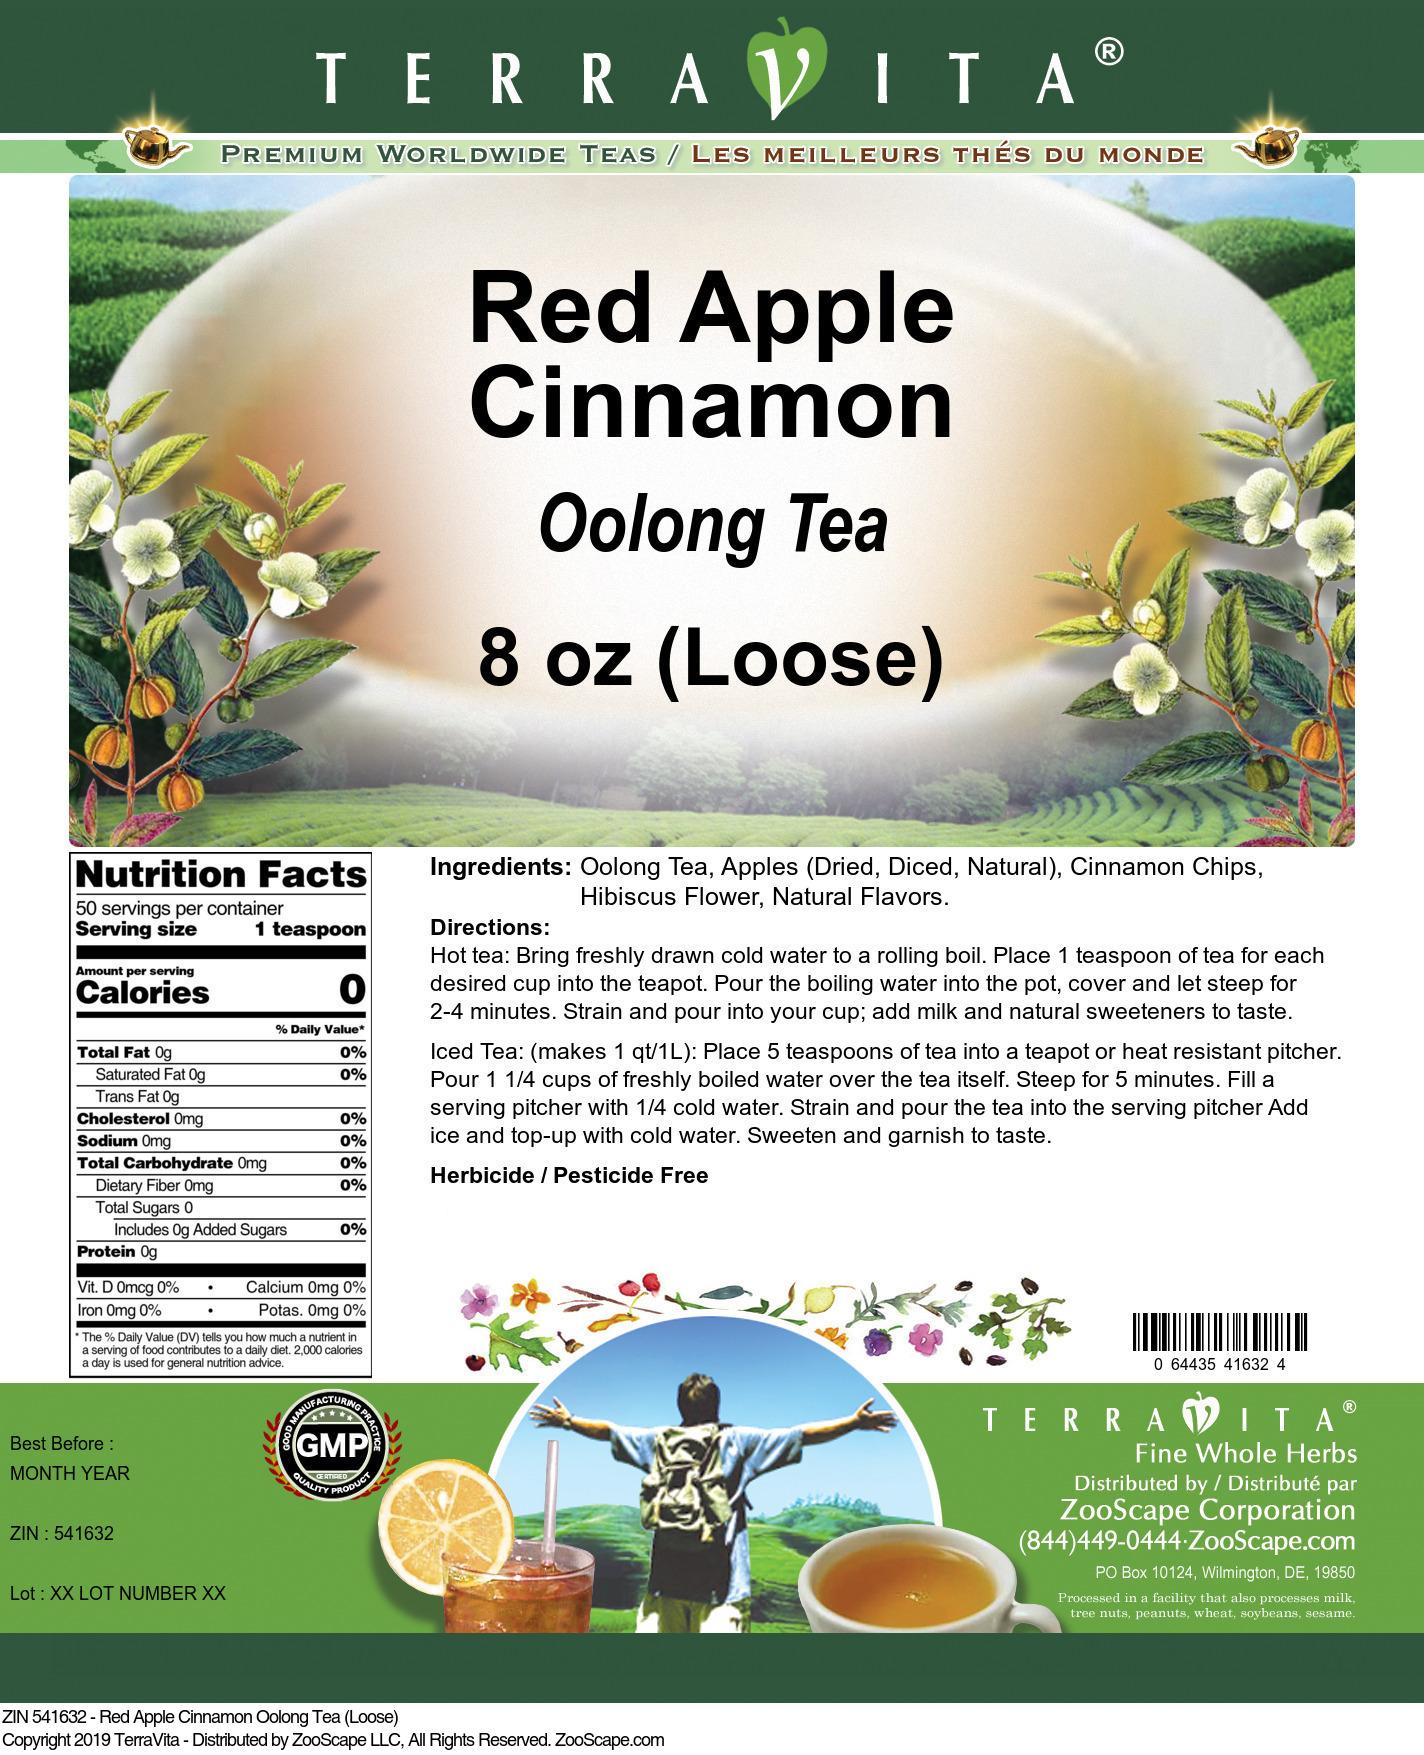 Red Apple Cinnamon Oolong Tea (Loose)